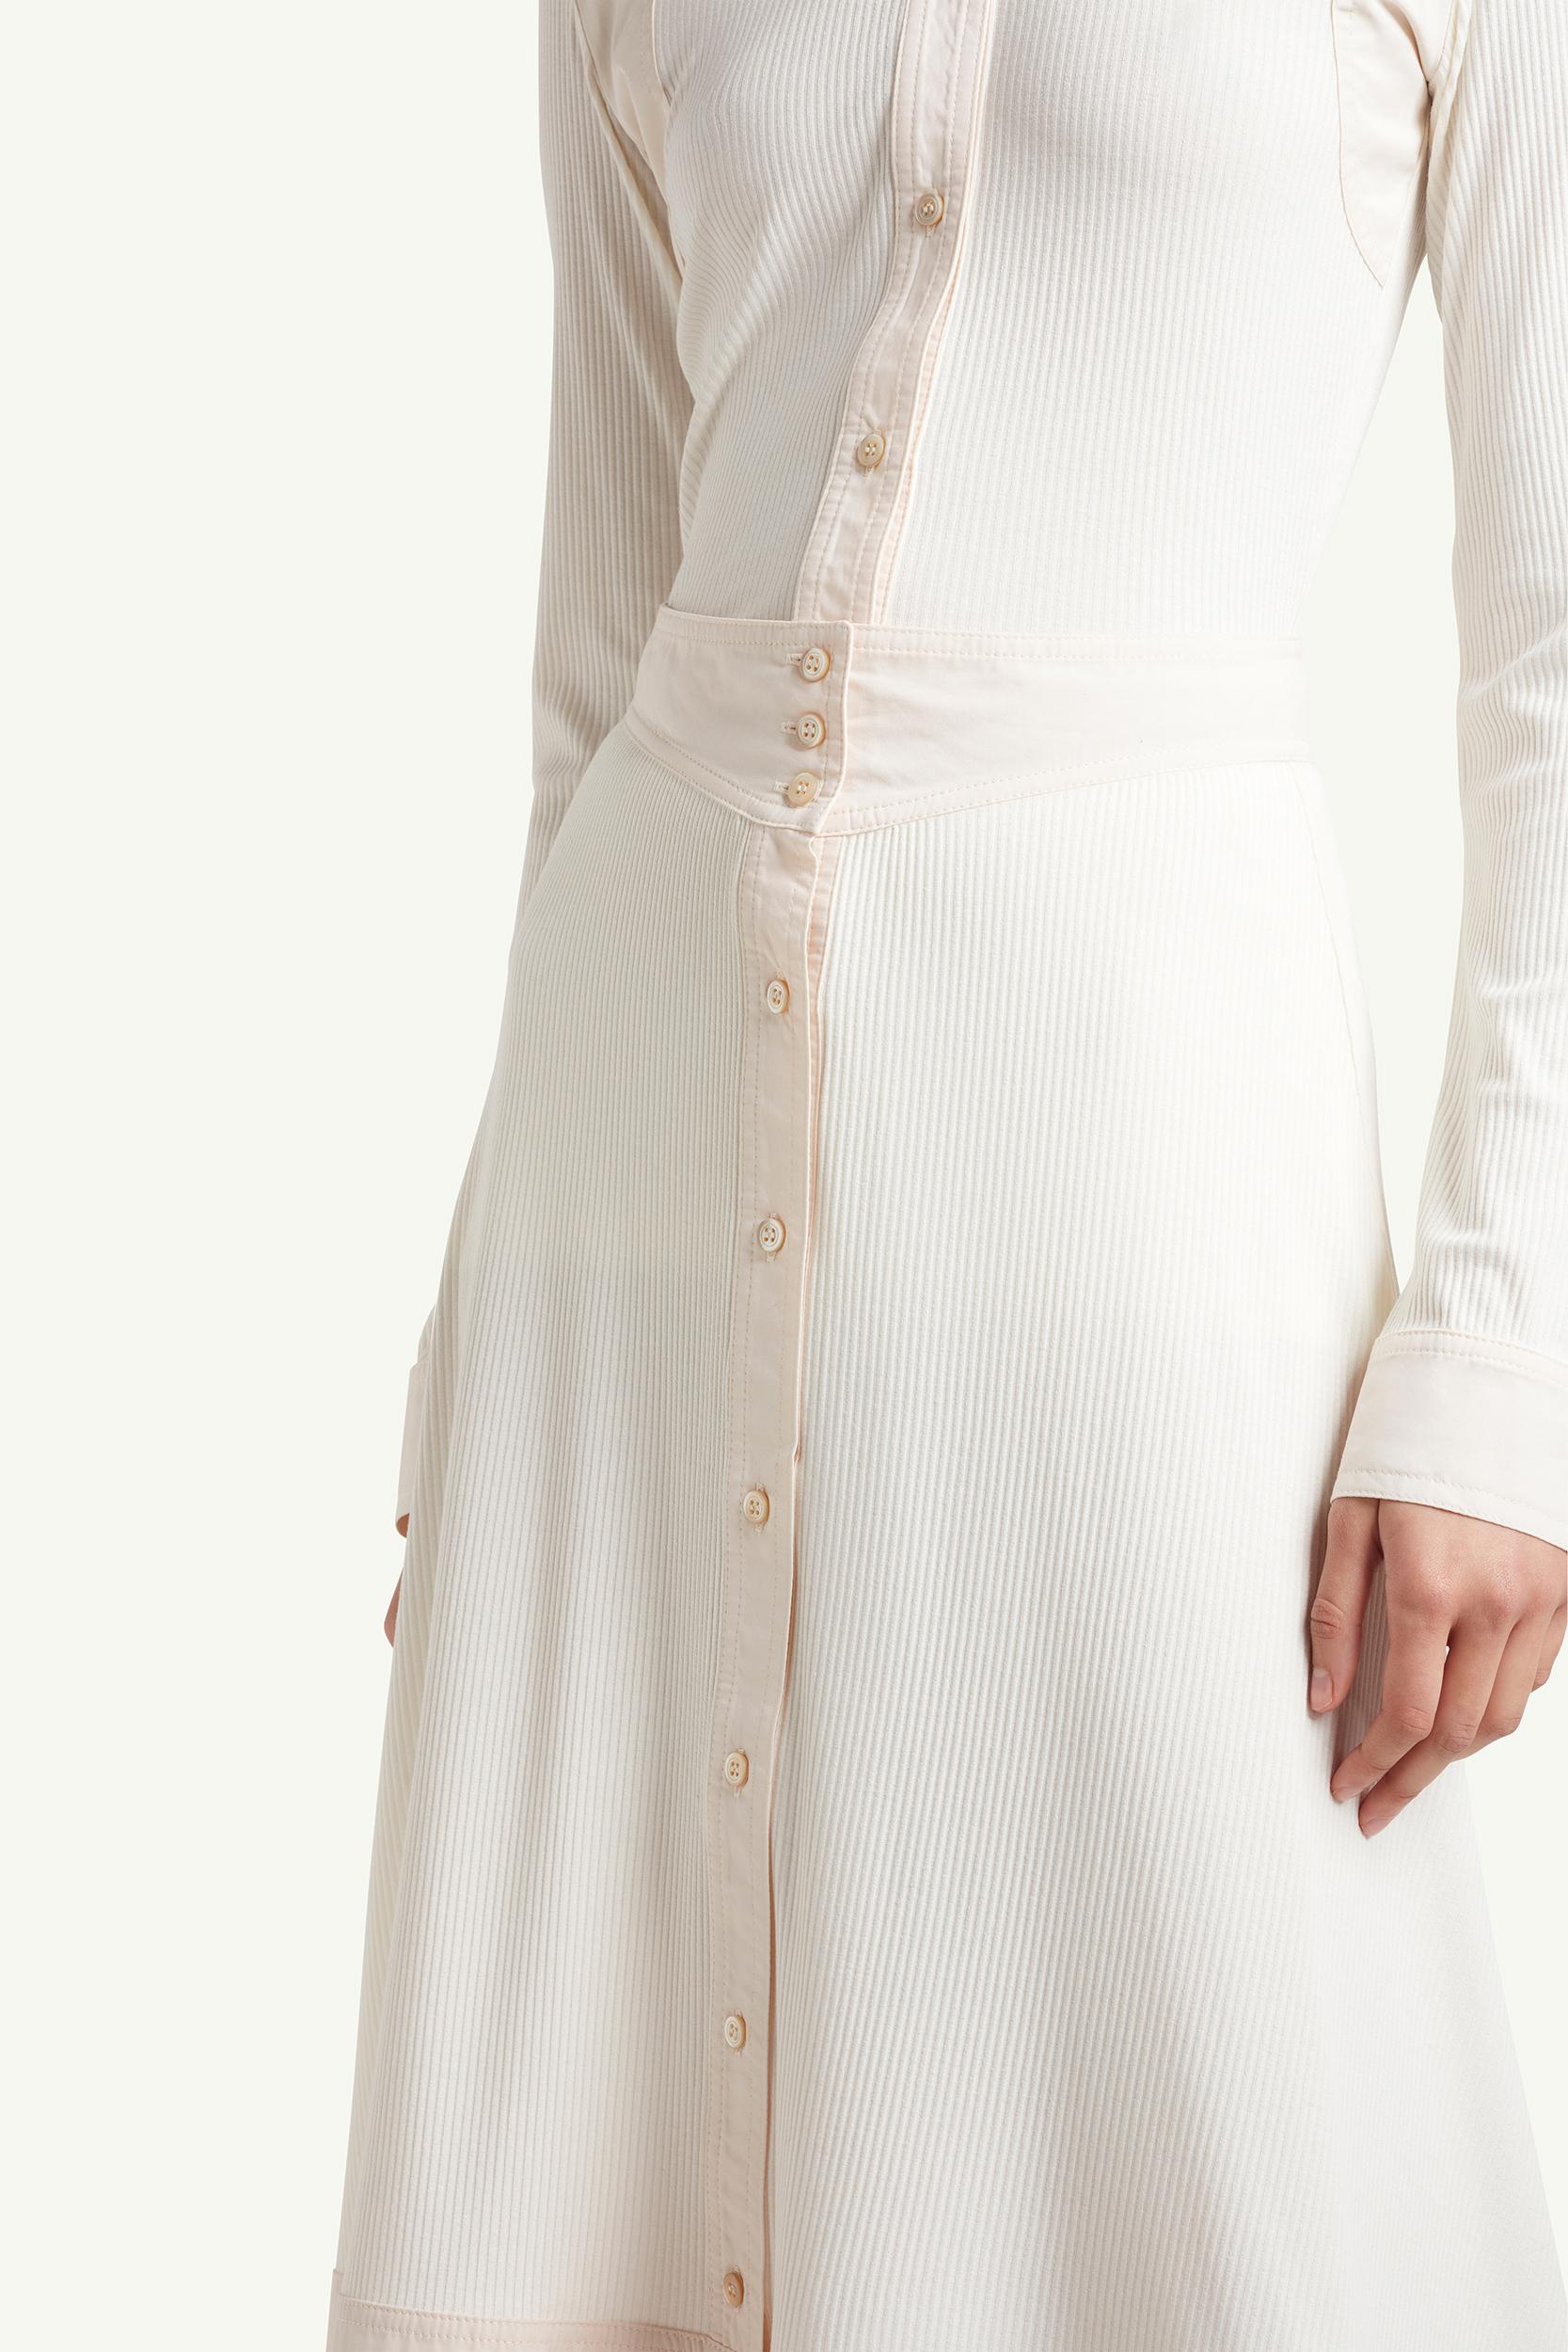 detail shot of womenswear model wearing Wales Bonner Womenswear Model wearing a white long dress | LRP